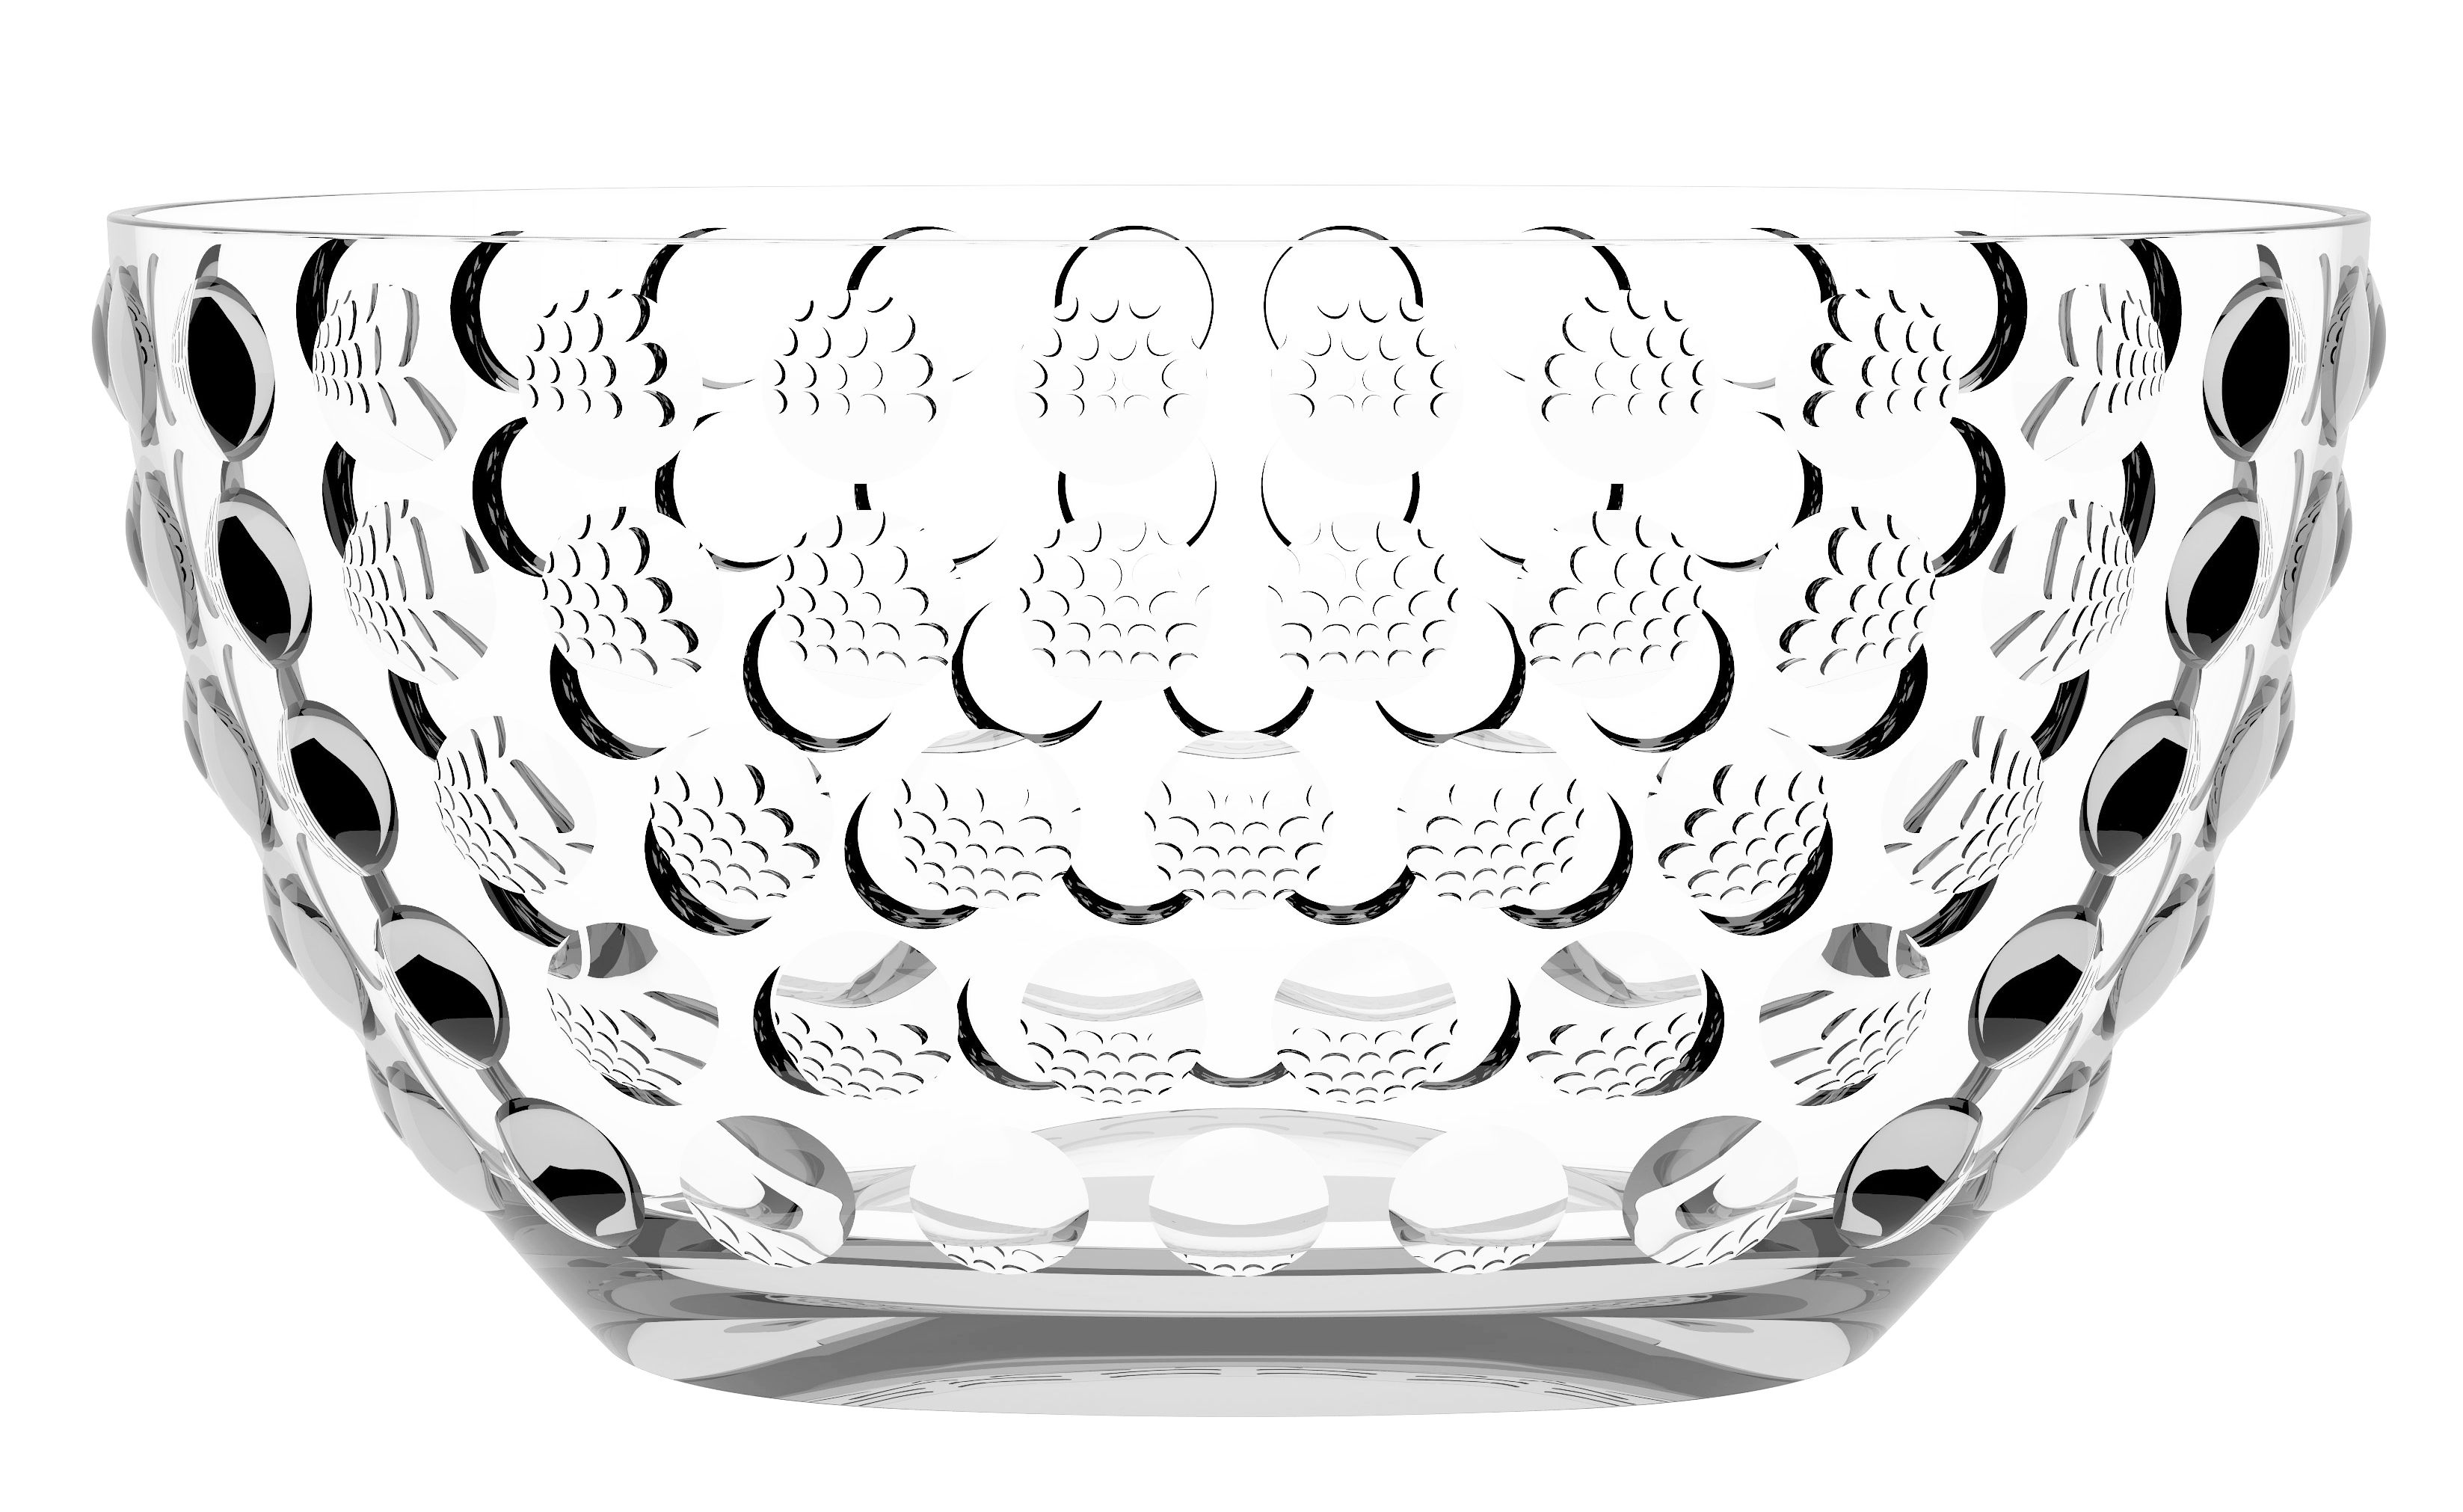 Arts de la table - Bar, vin, apéritif - Seau à champagne Bolle Bowl / Ø 46 cm - 6 bouteilles - Italesse - Transparent - Verre acrylique